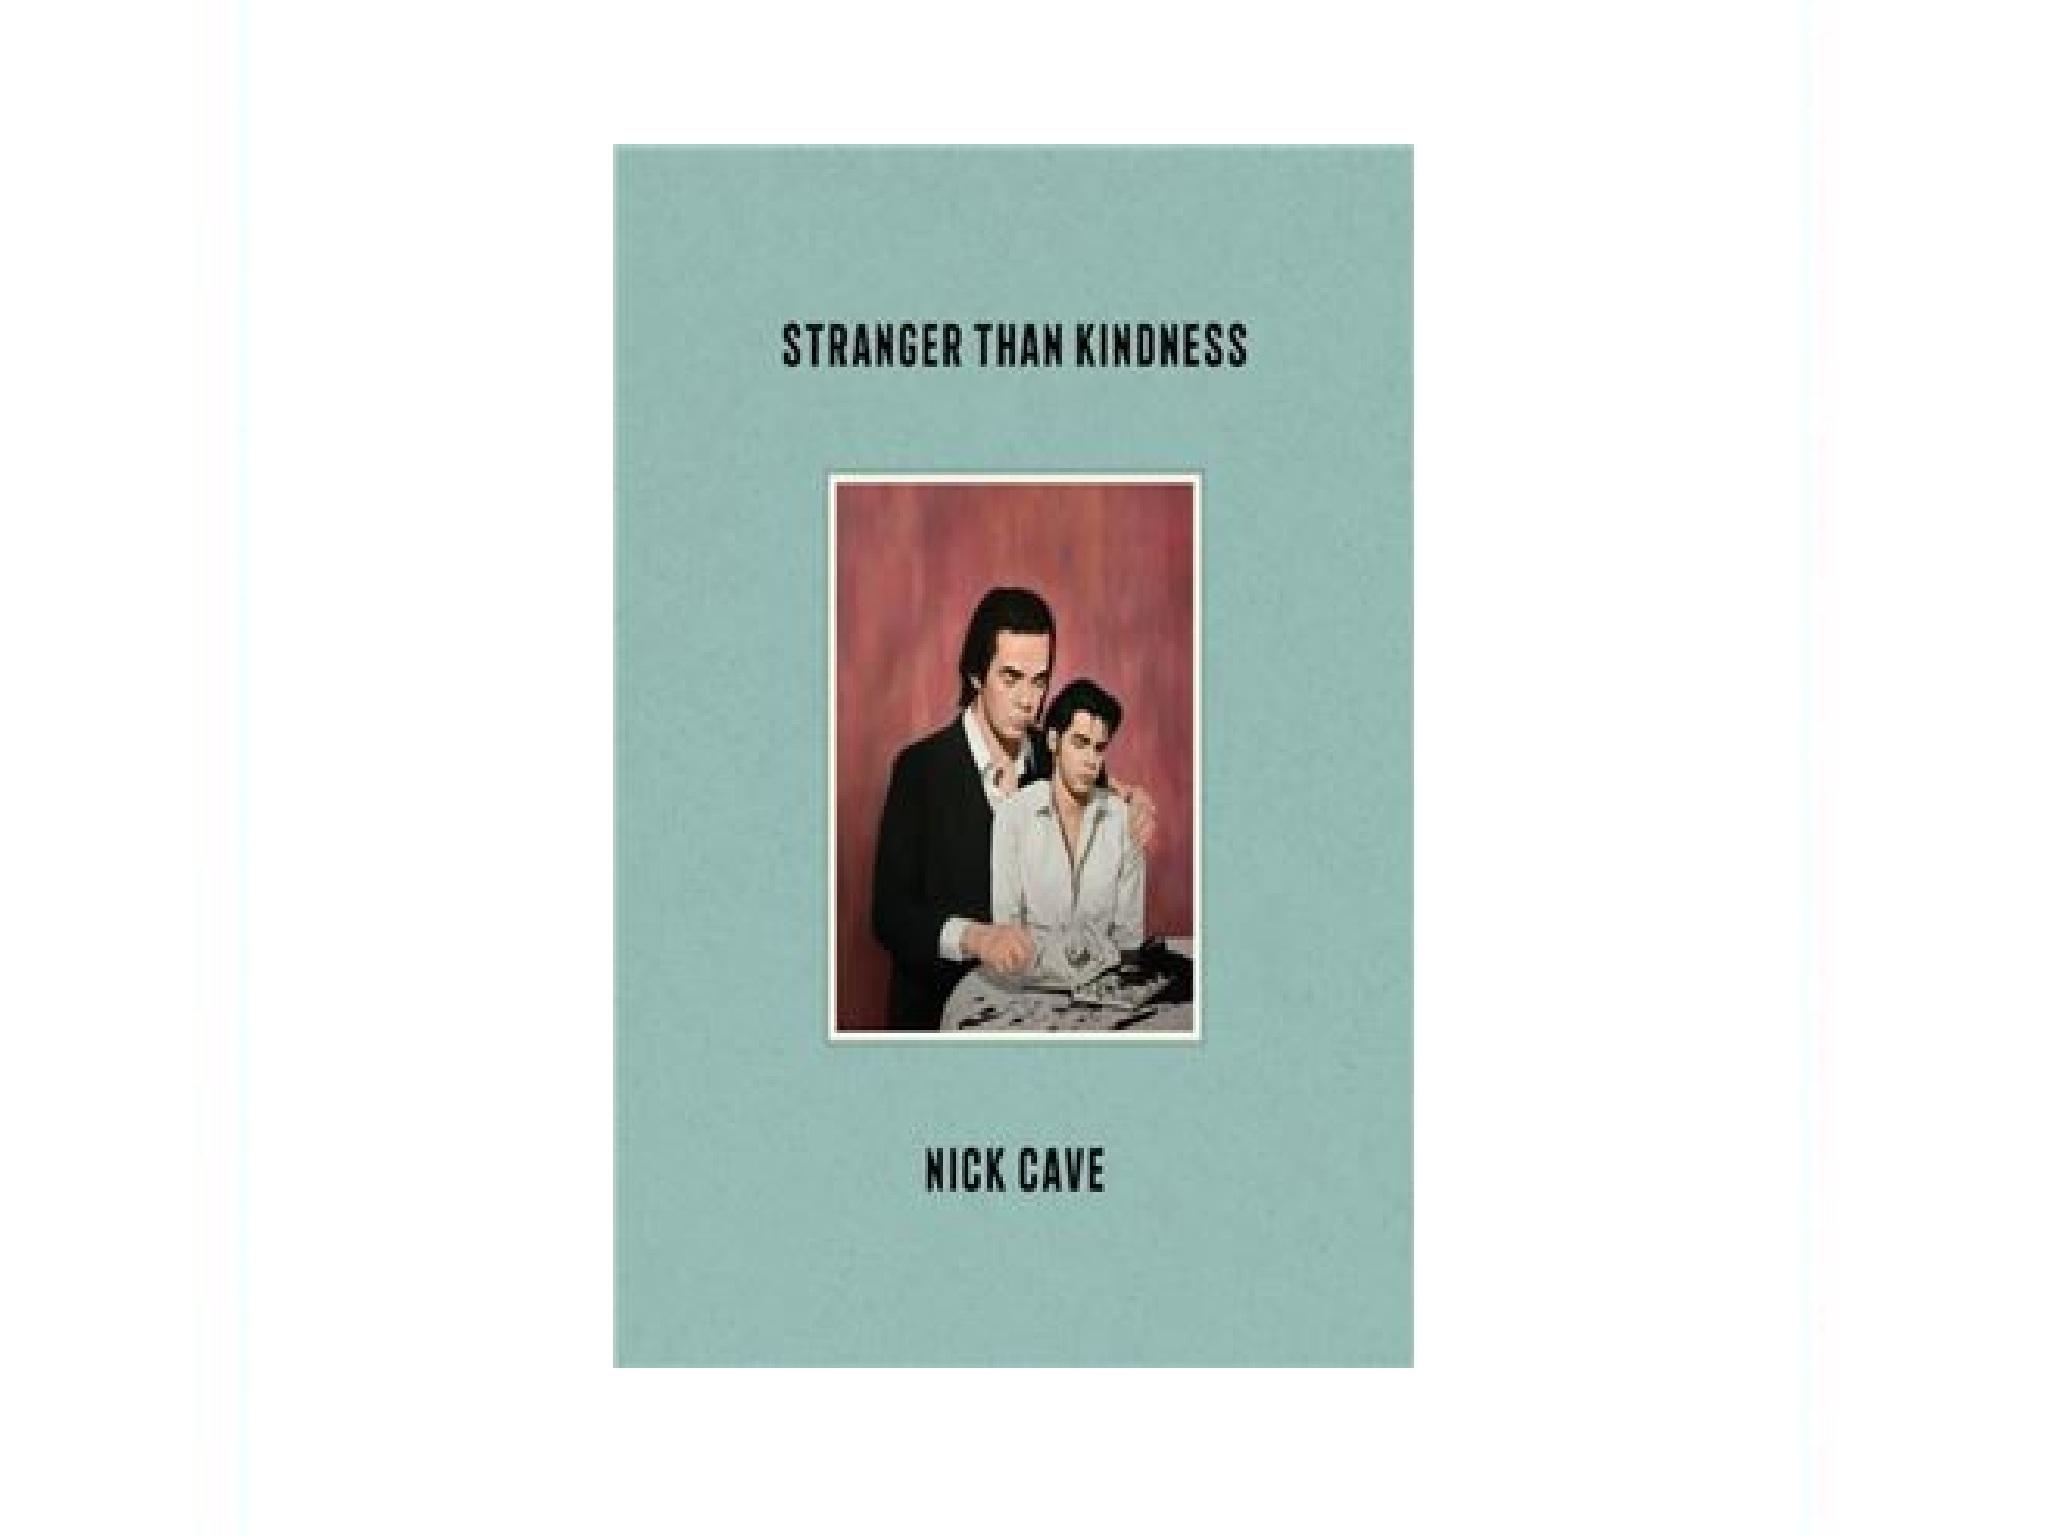 Compras, Livros, Stranger Than Kindness, Nick Cave